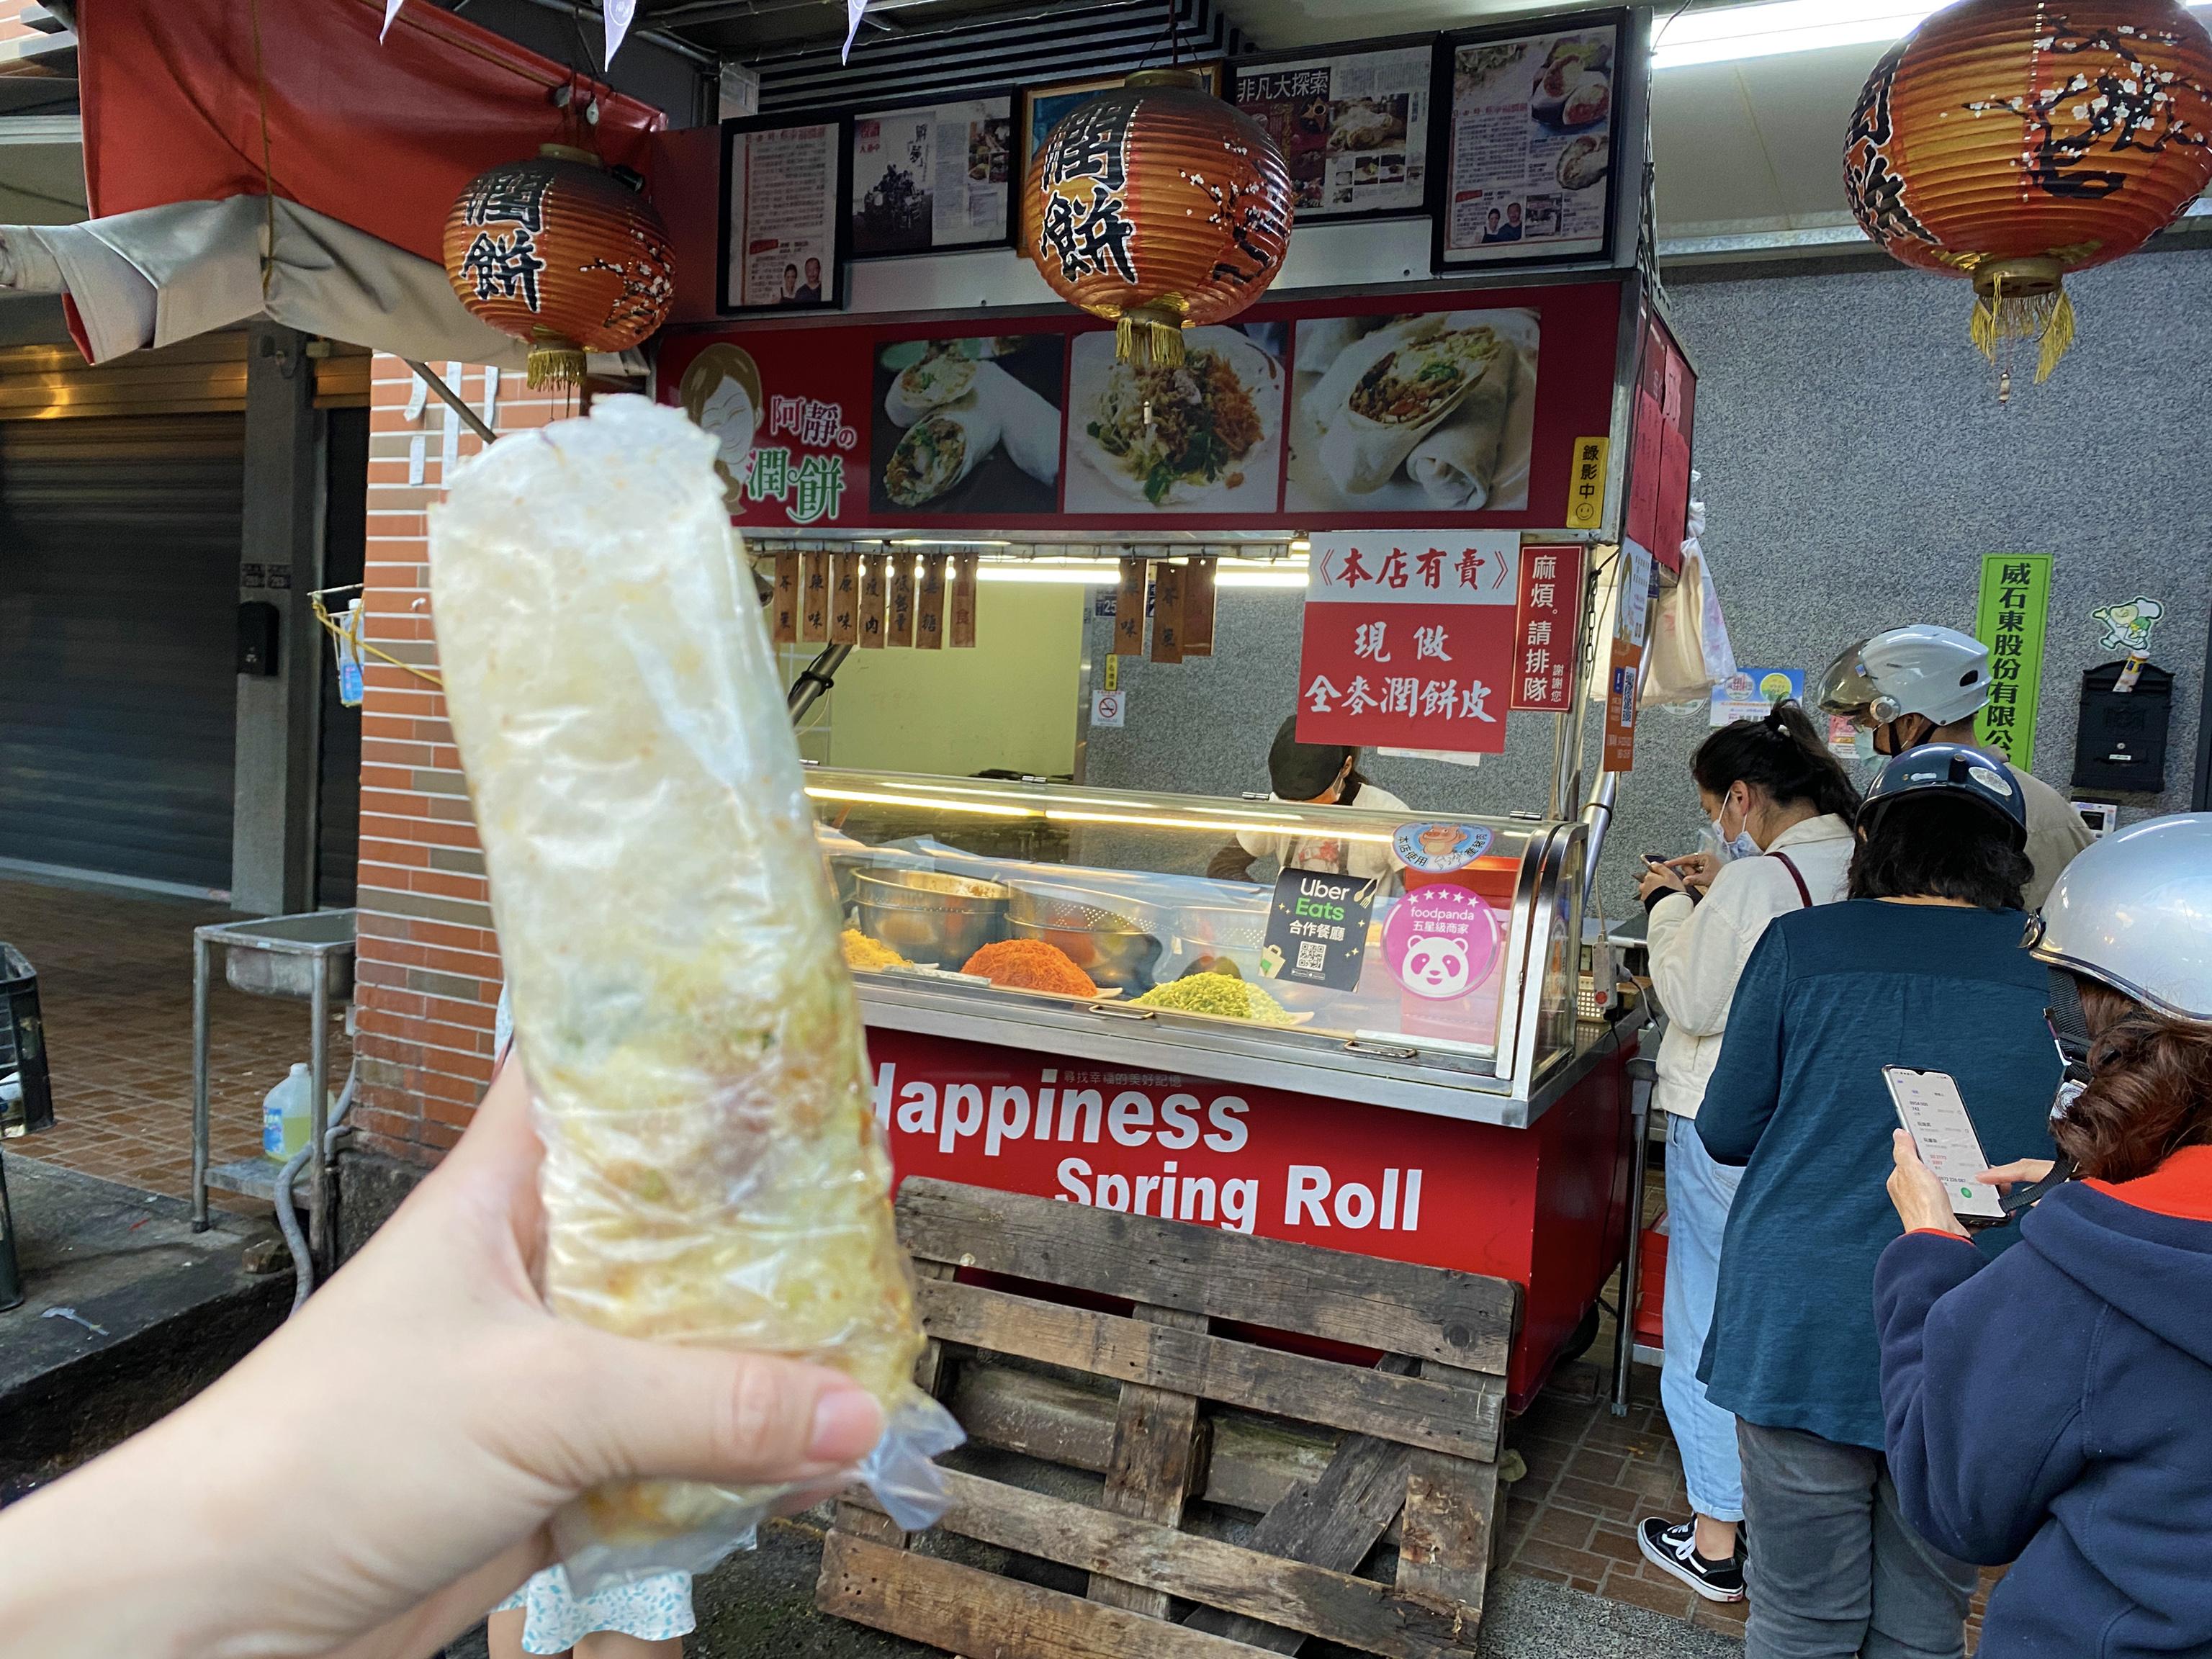 阿靜潤餅 台中第二市場柳川美食推薦 超大超好吃春捲